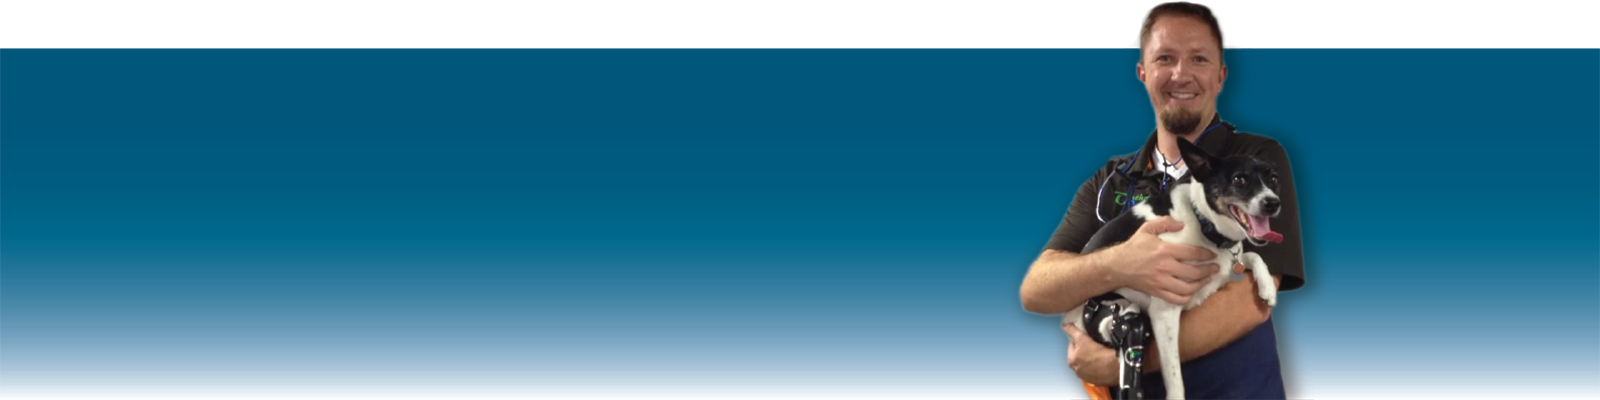 orthotic-3d-scanning-orthopets